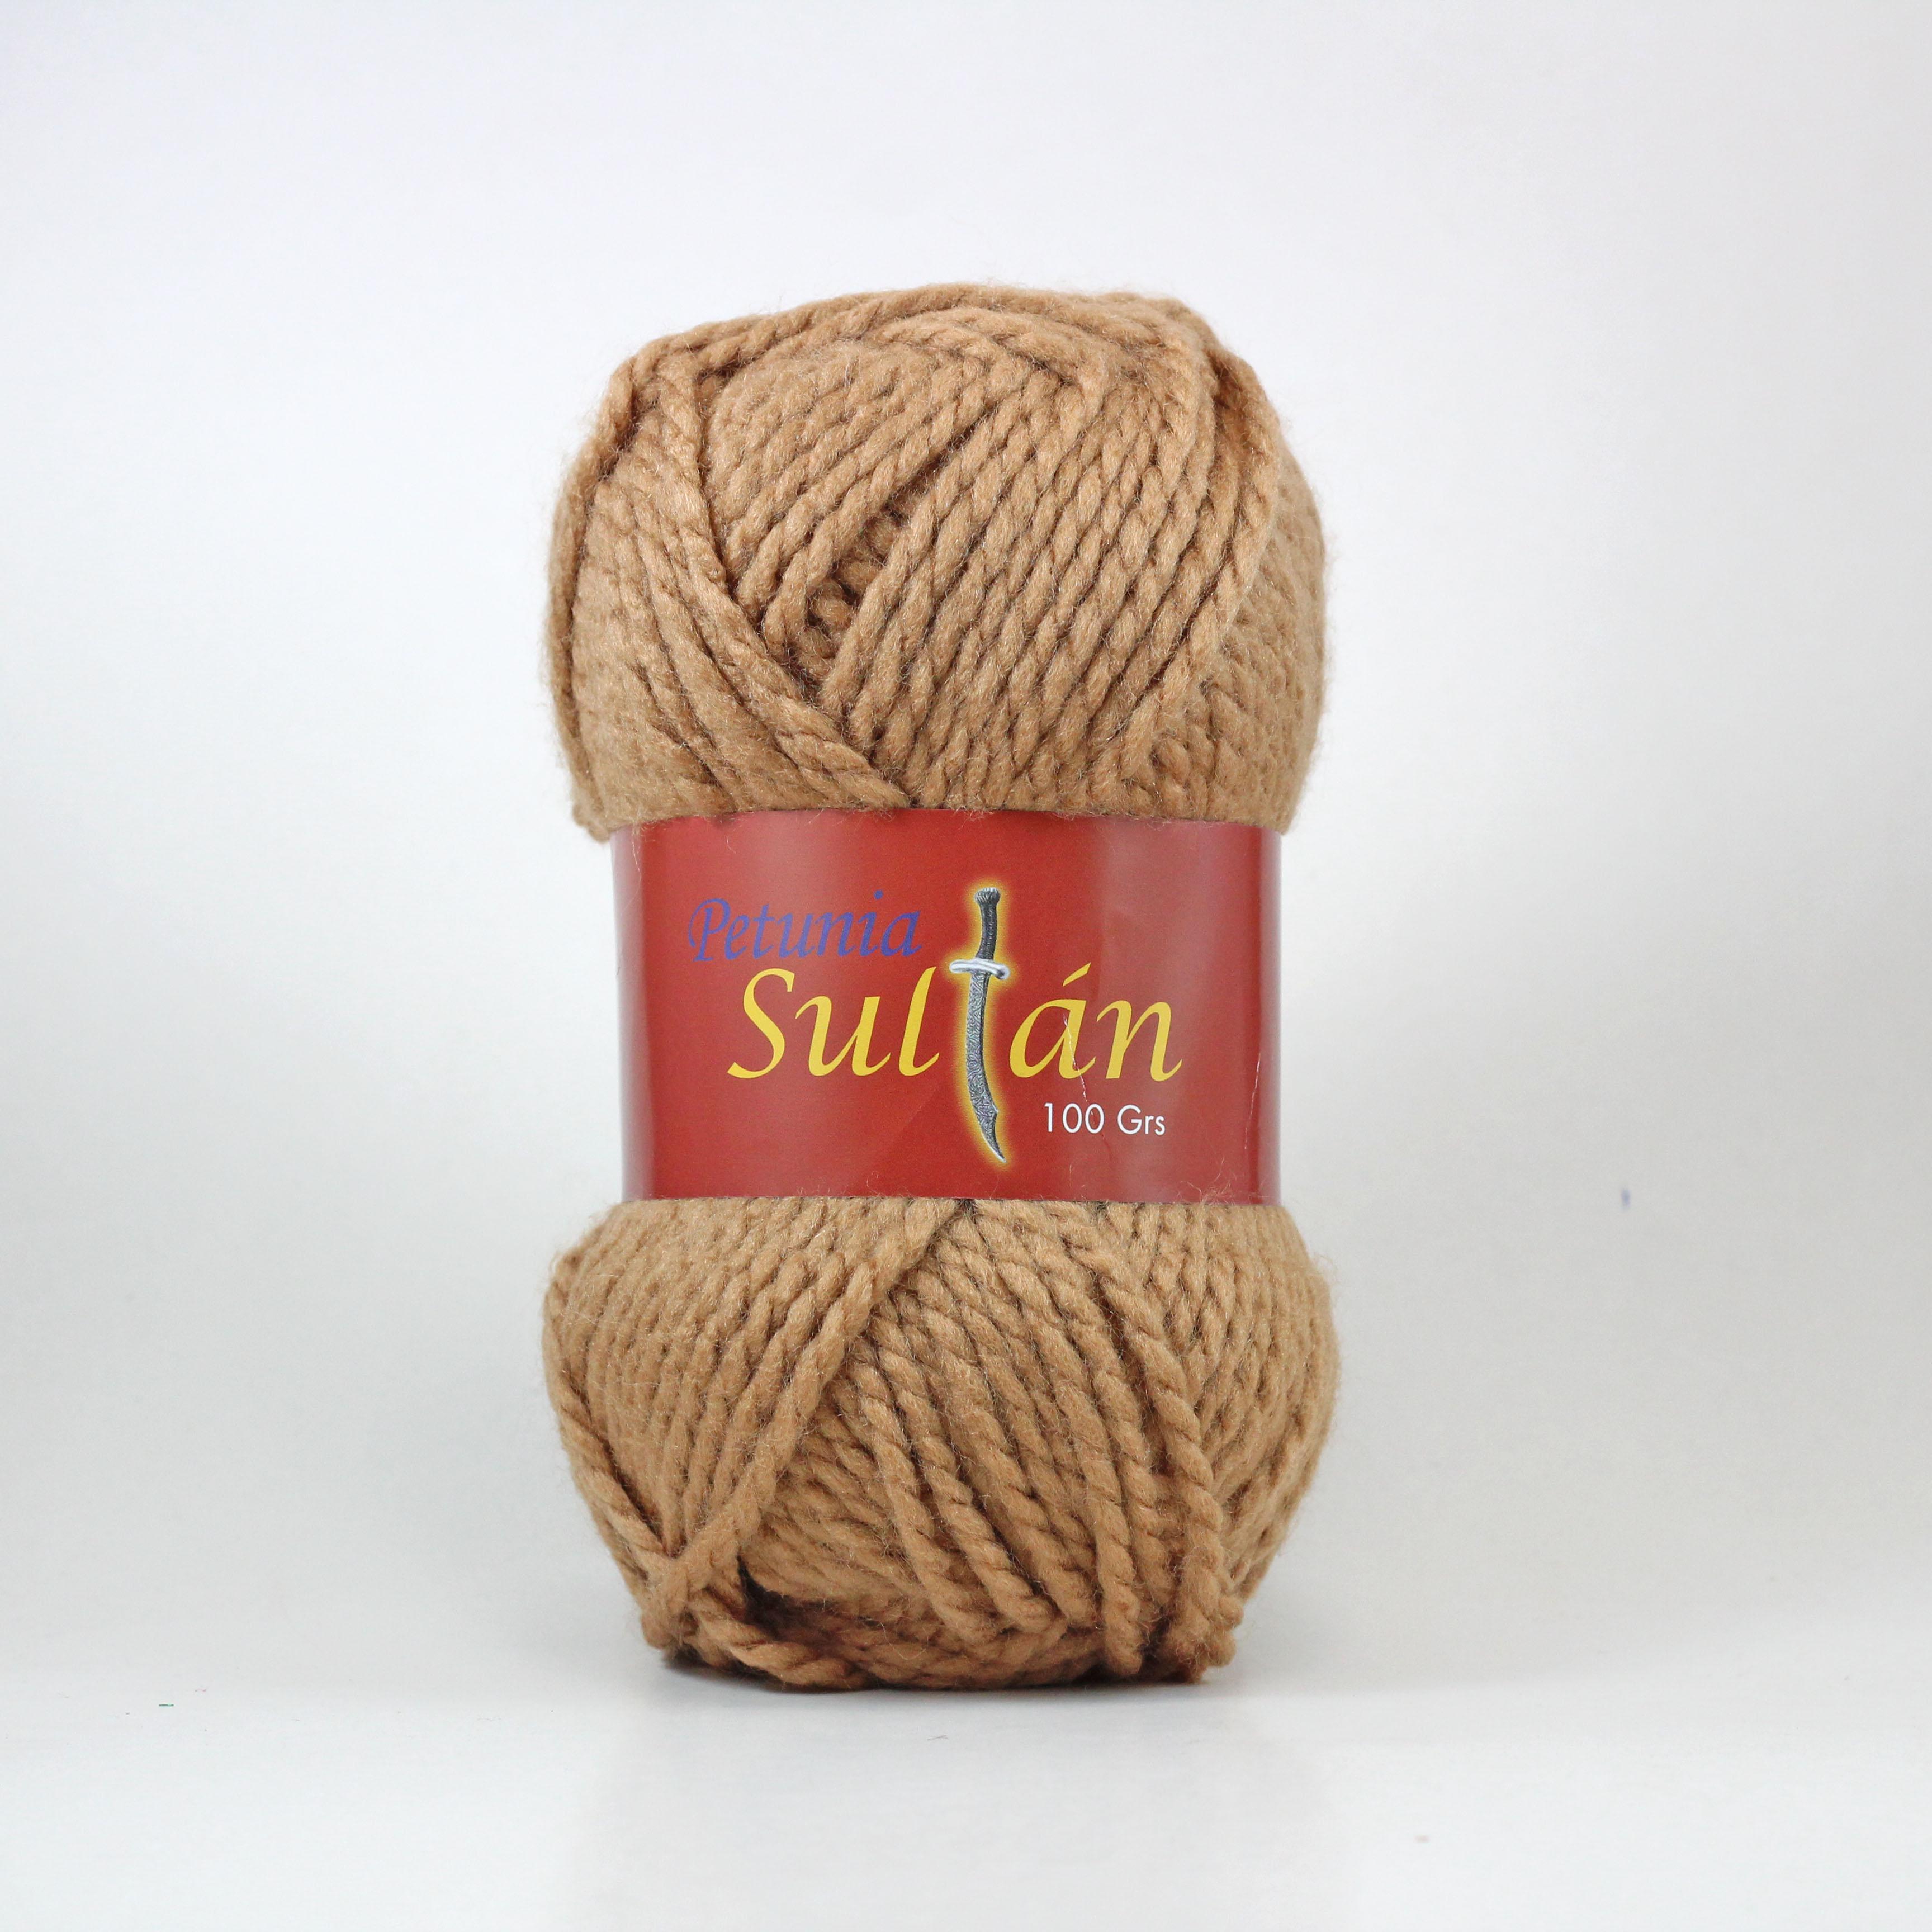 Sultán-7010